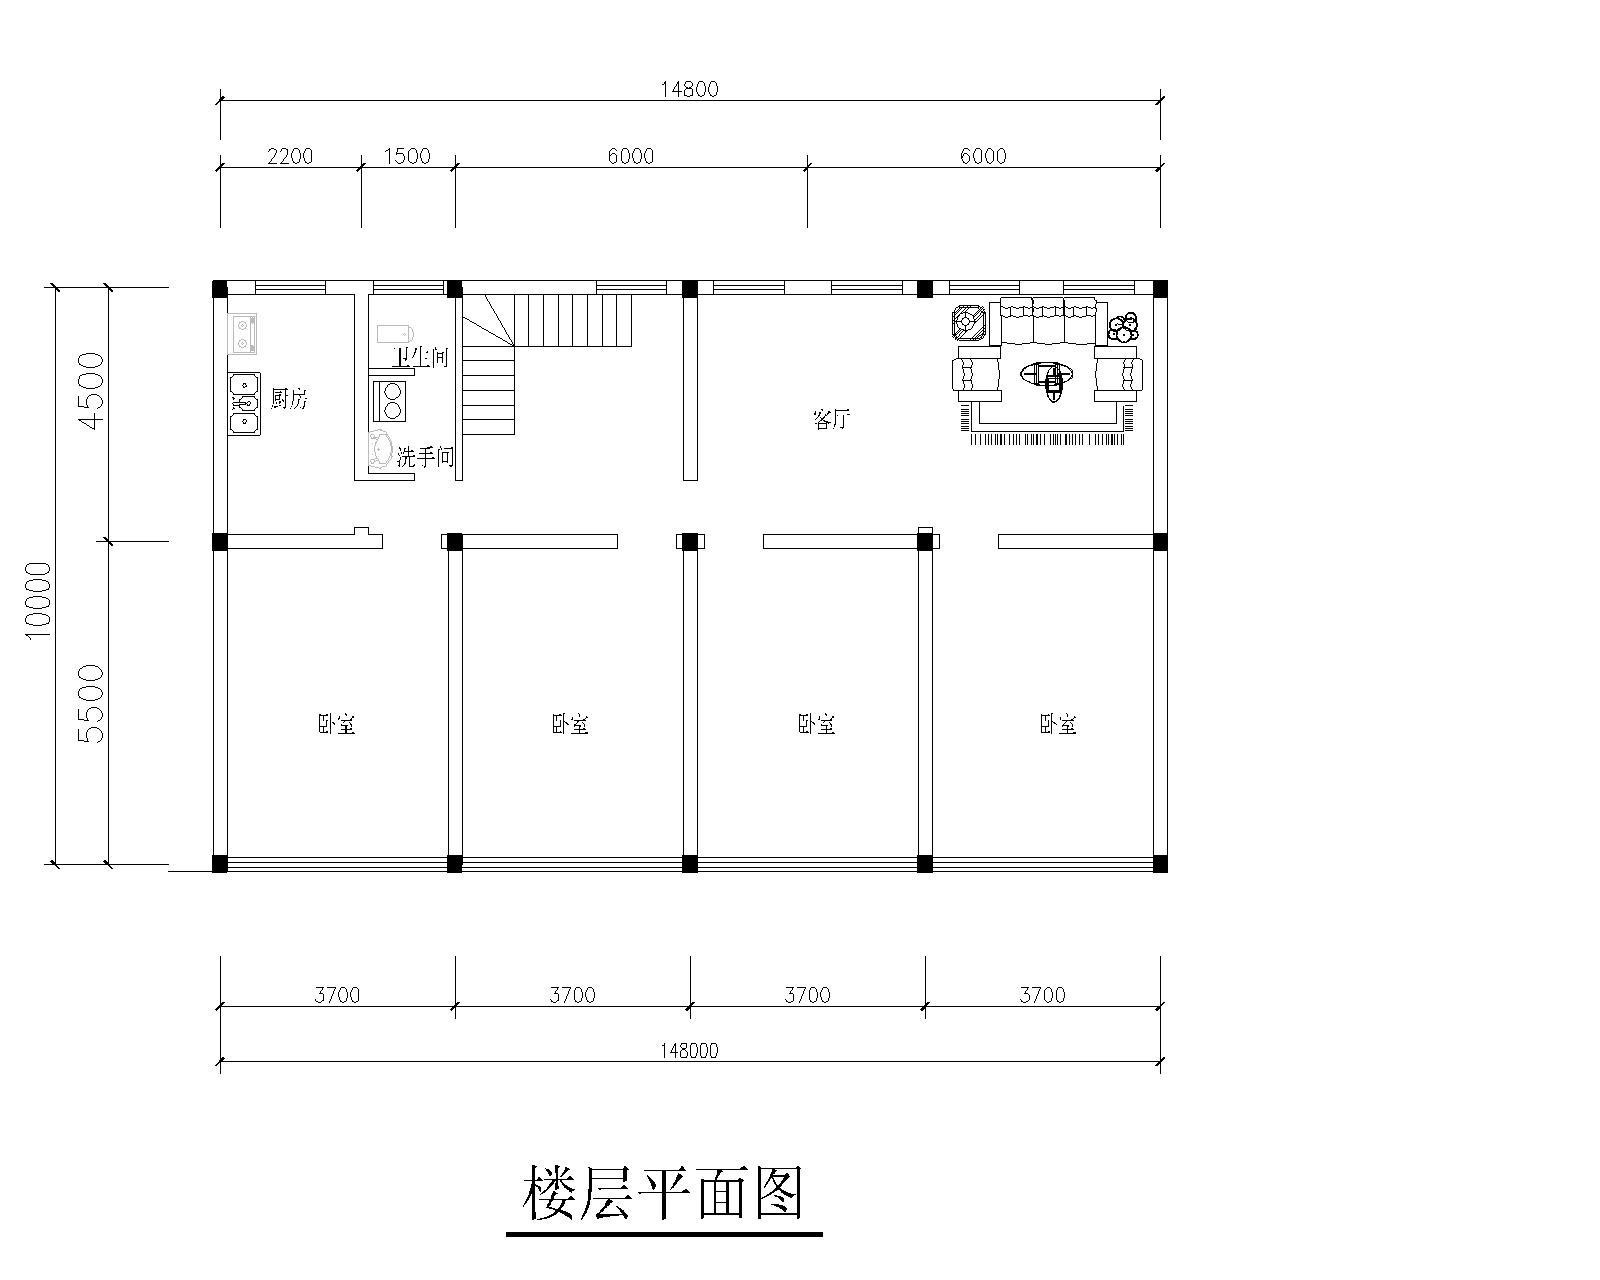 求农村四间三层楼房设计图,地基坐北朝南,长3.7*4=14.